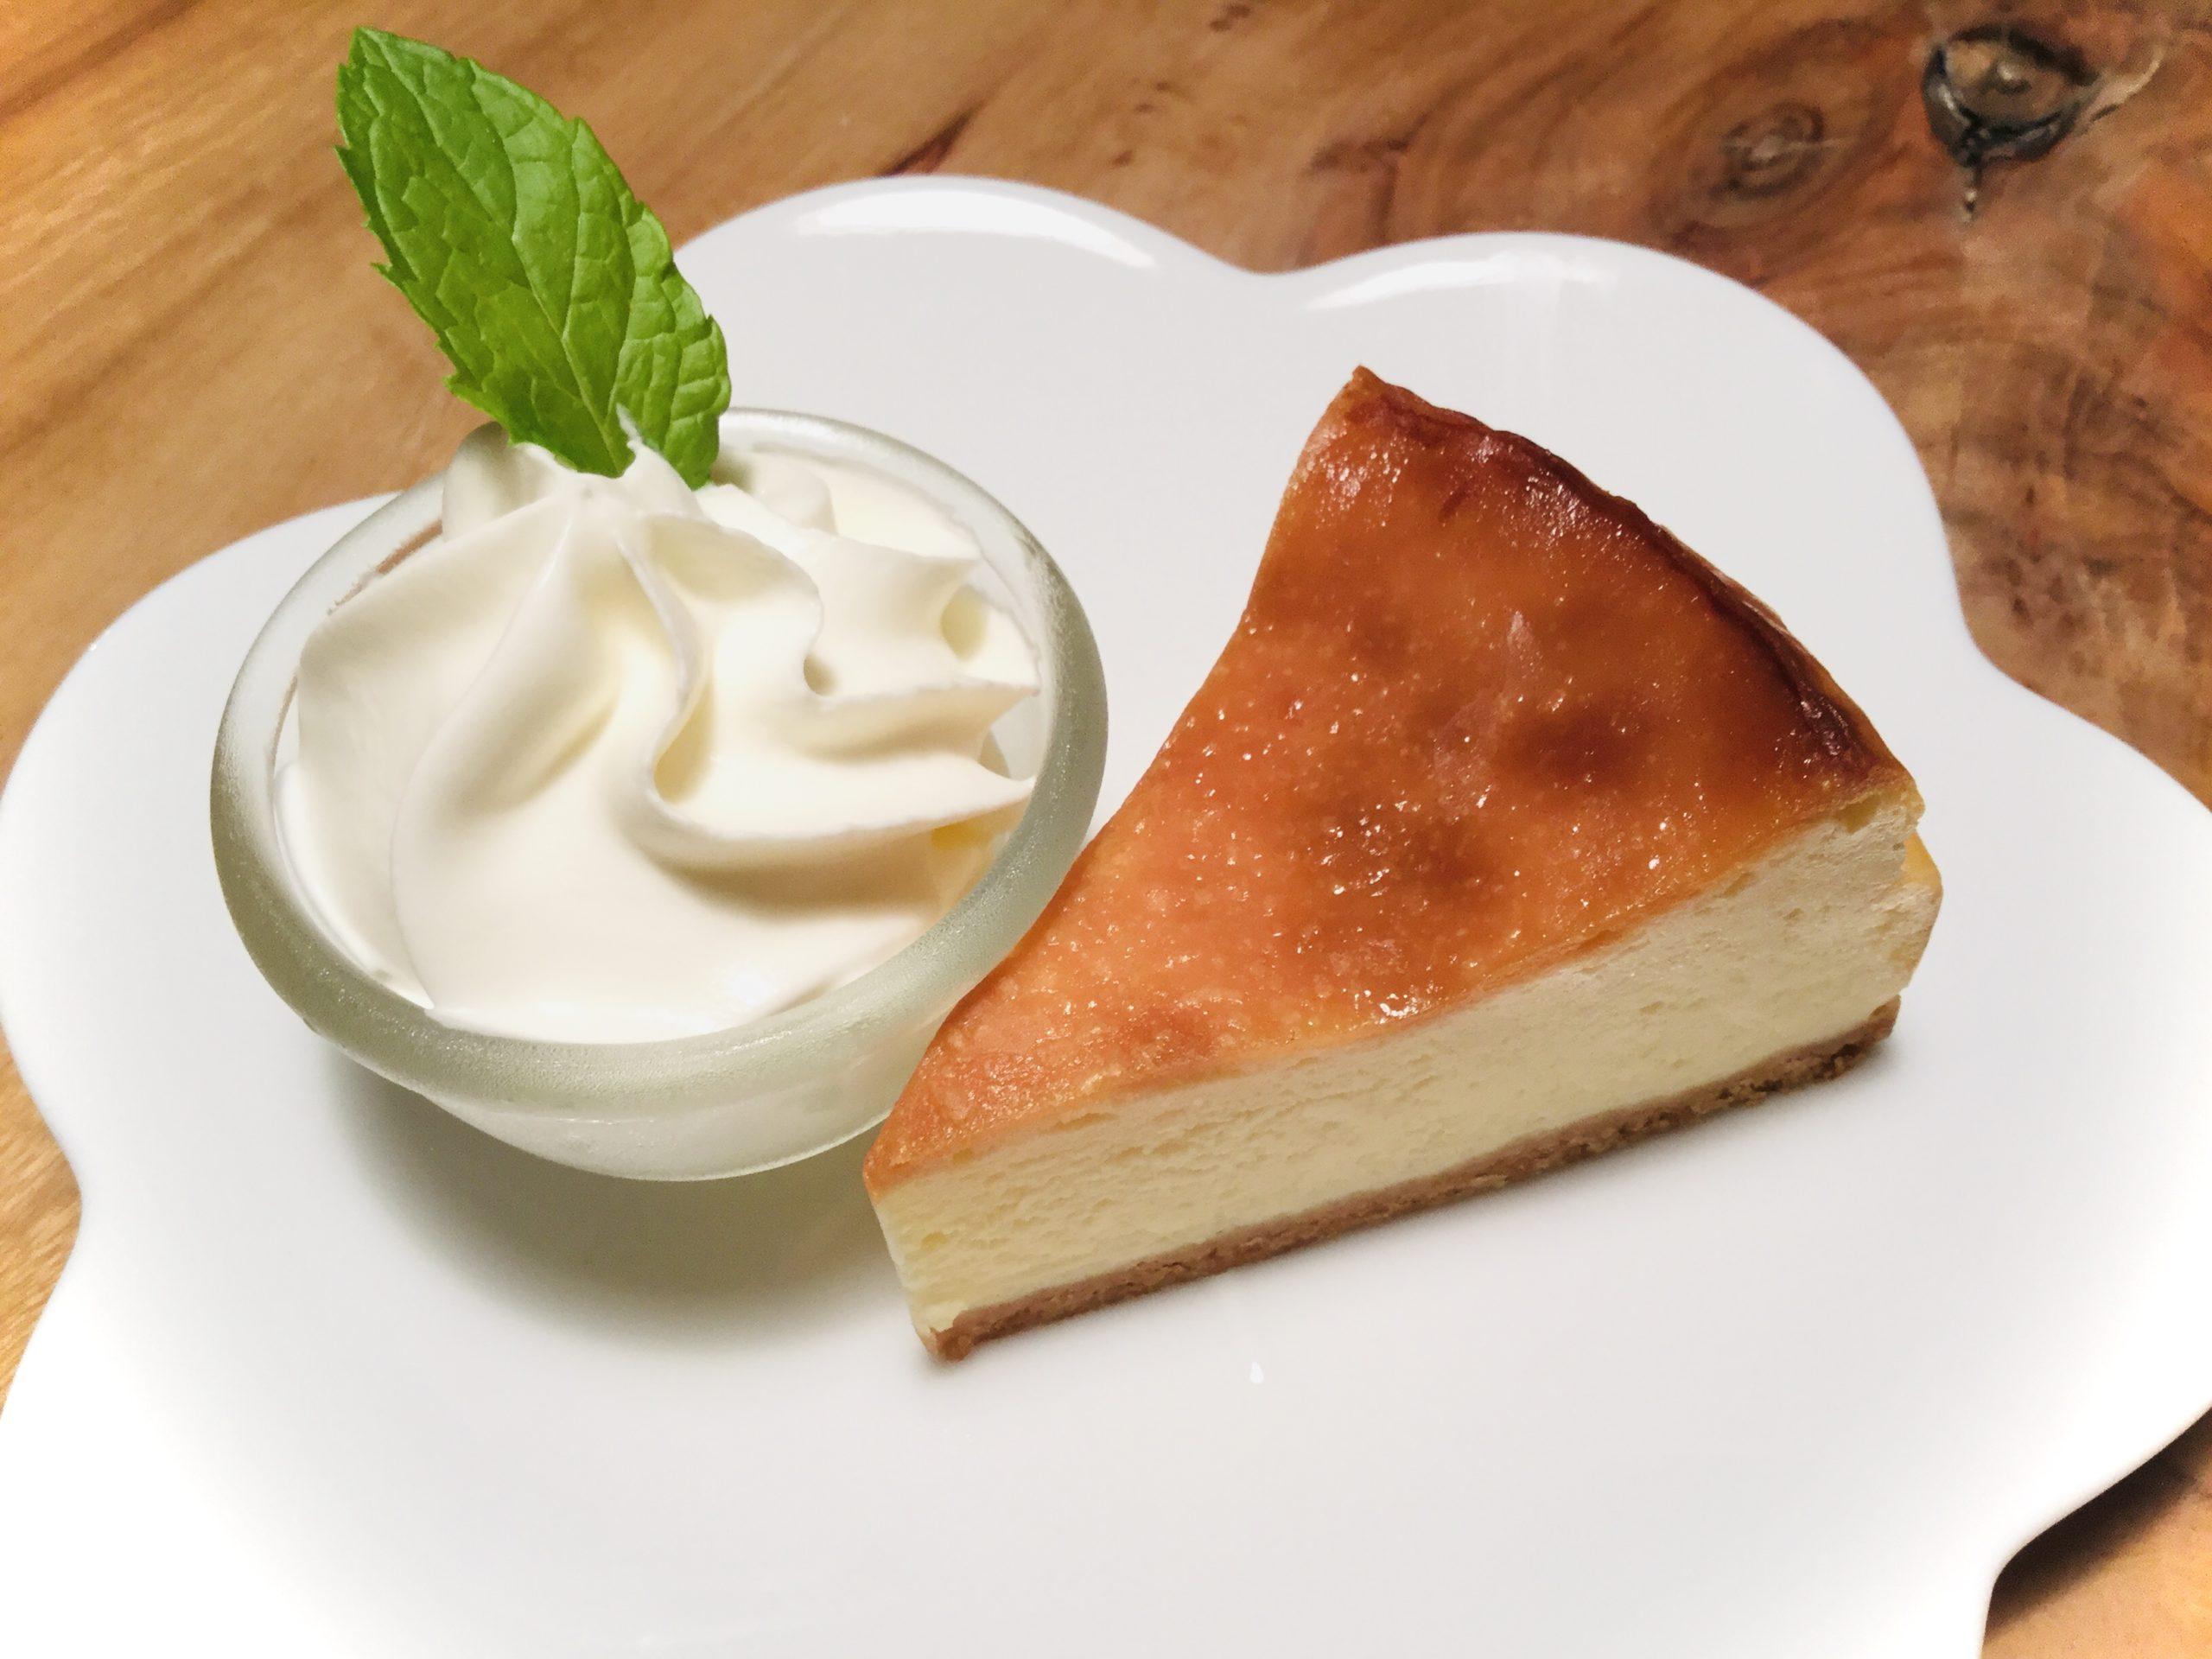 <p>こんにちは〜! 明日10/11(月)はケーキの日です🍰550円のドリンクと自家製ケーキがセットで800円のお得な日。 今回のオススメは「中尾さんのチーズケーキ」です♪ 四葉チーズを贅沢に使い、サワークリームの酸味で濃厚なのにあっさりとした口当たりの、kaicocafe自慢のケーキです❤️ ハンドドリップコーヒとの相性も抜群!ぜひ一緒にご賞味ください&#x […]</p>